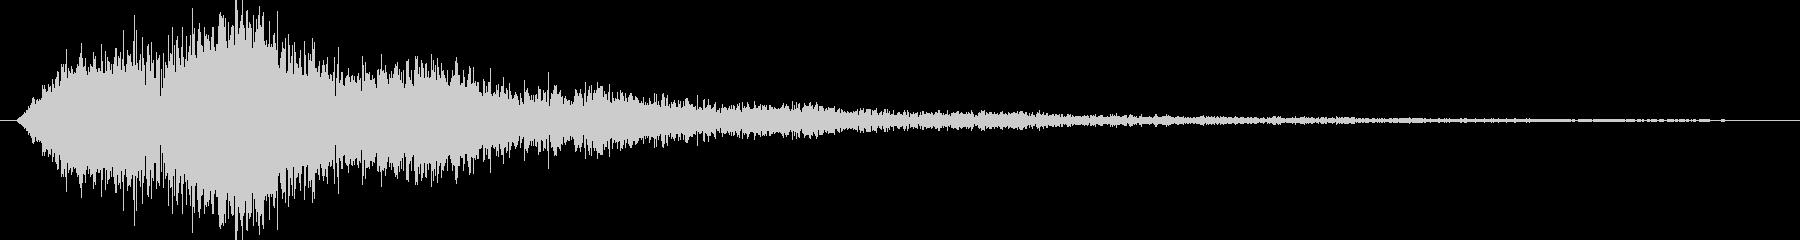 ワープ音(シュワシュワシュワシュワ)の未再生の波形